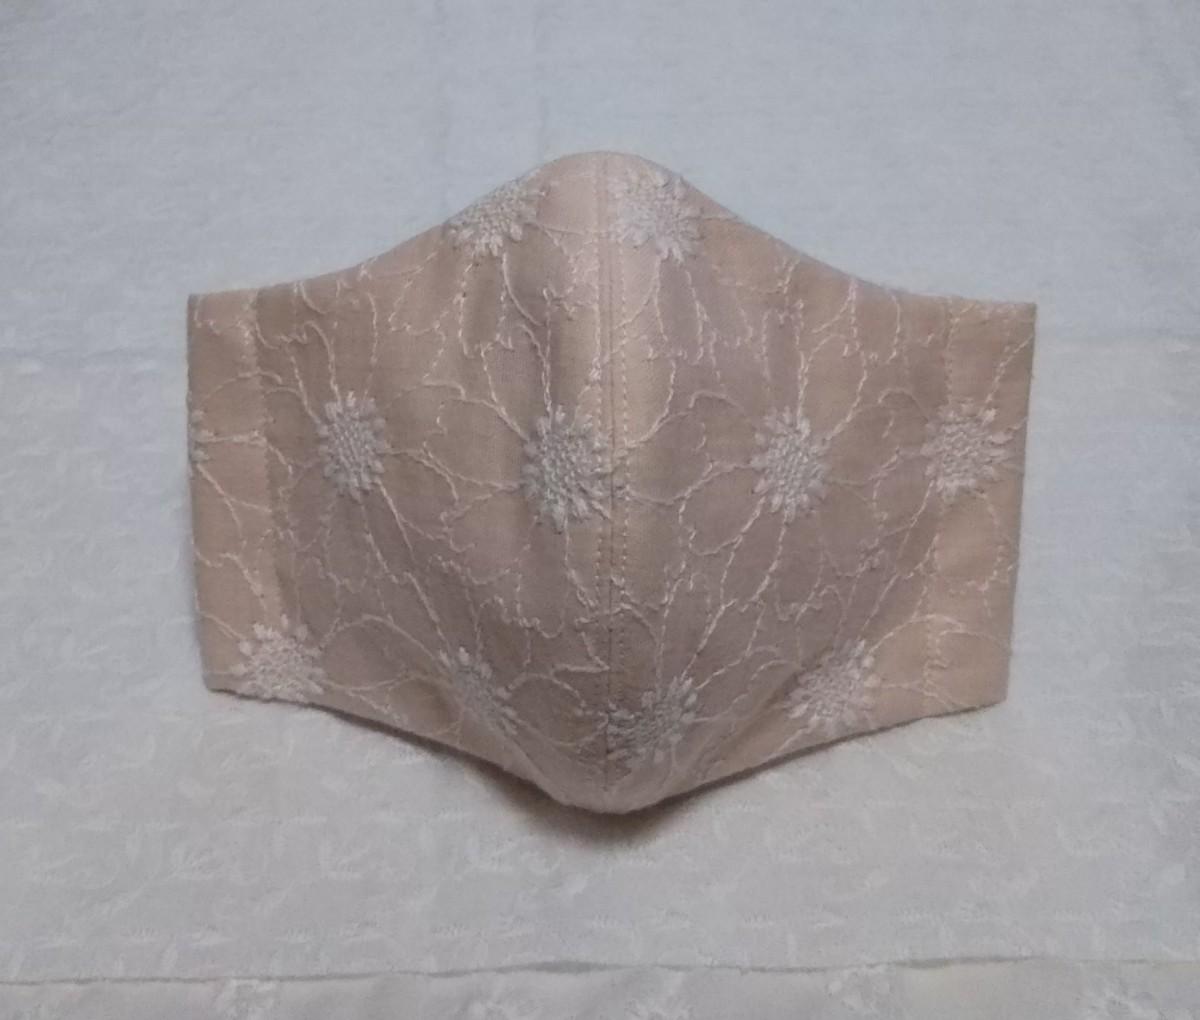 立体インナー ハンドメイド 刺繍生地 ダブルガーゼ ピンク